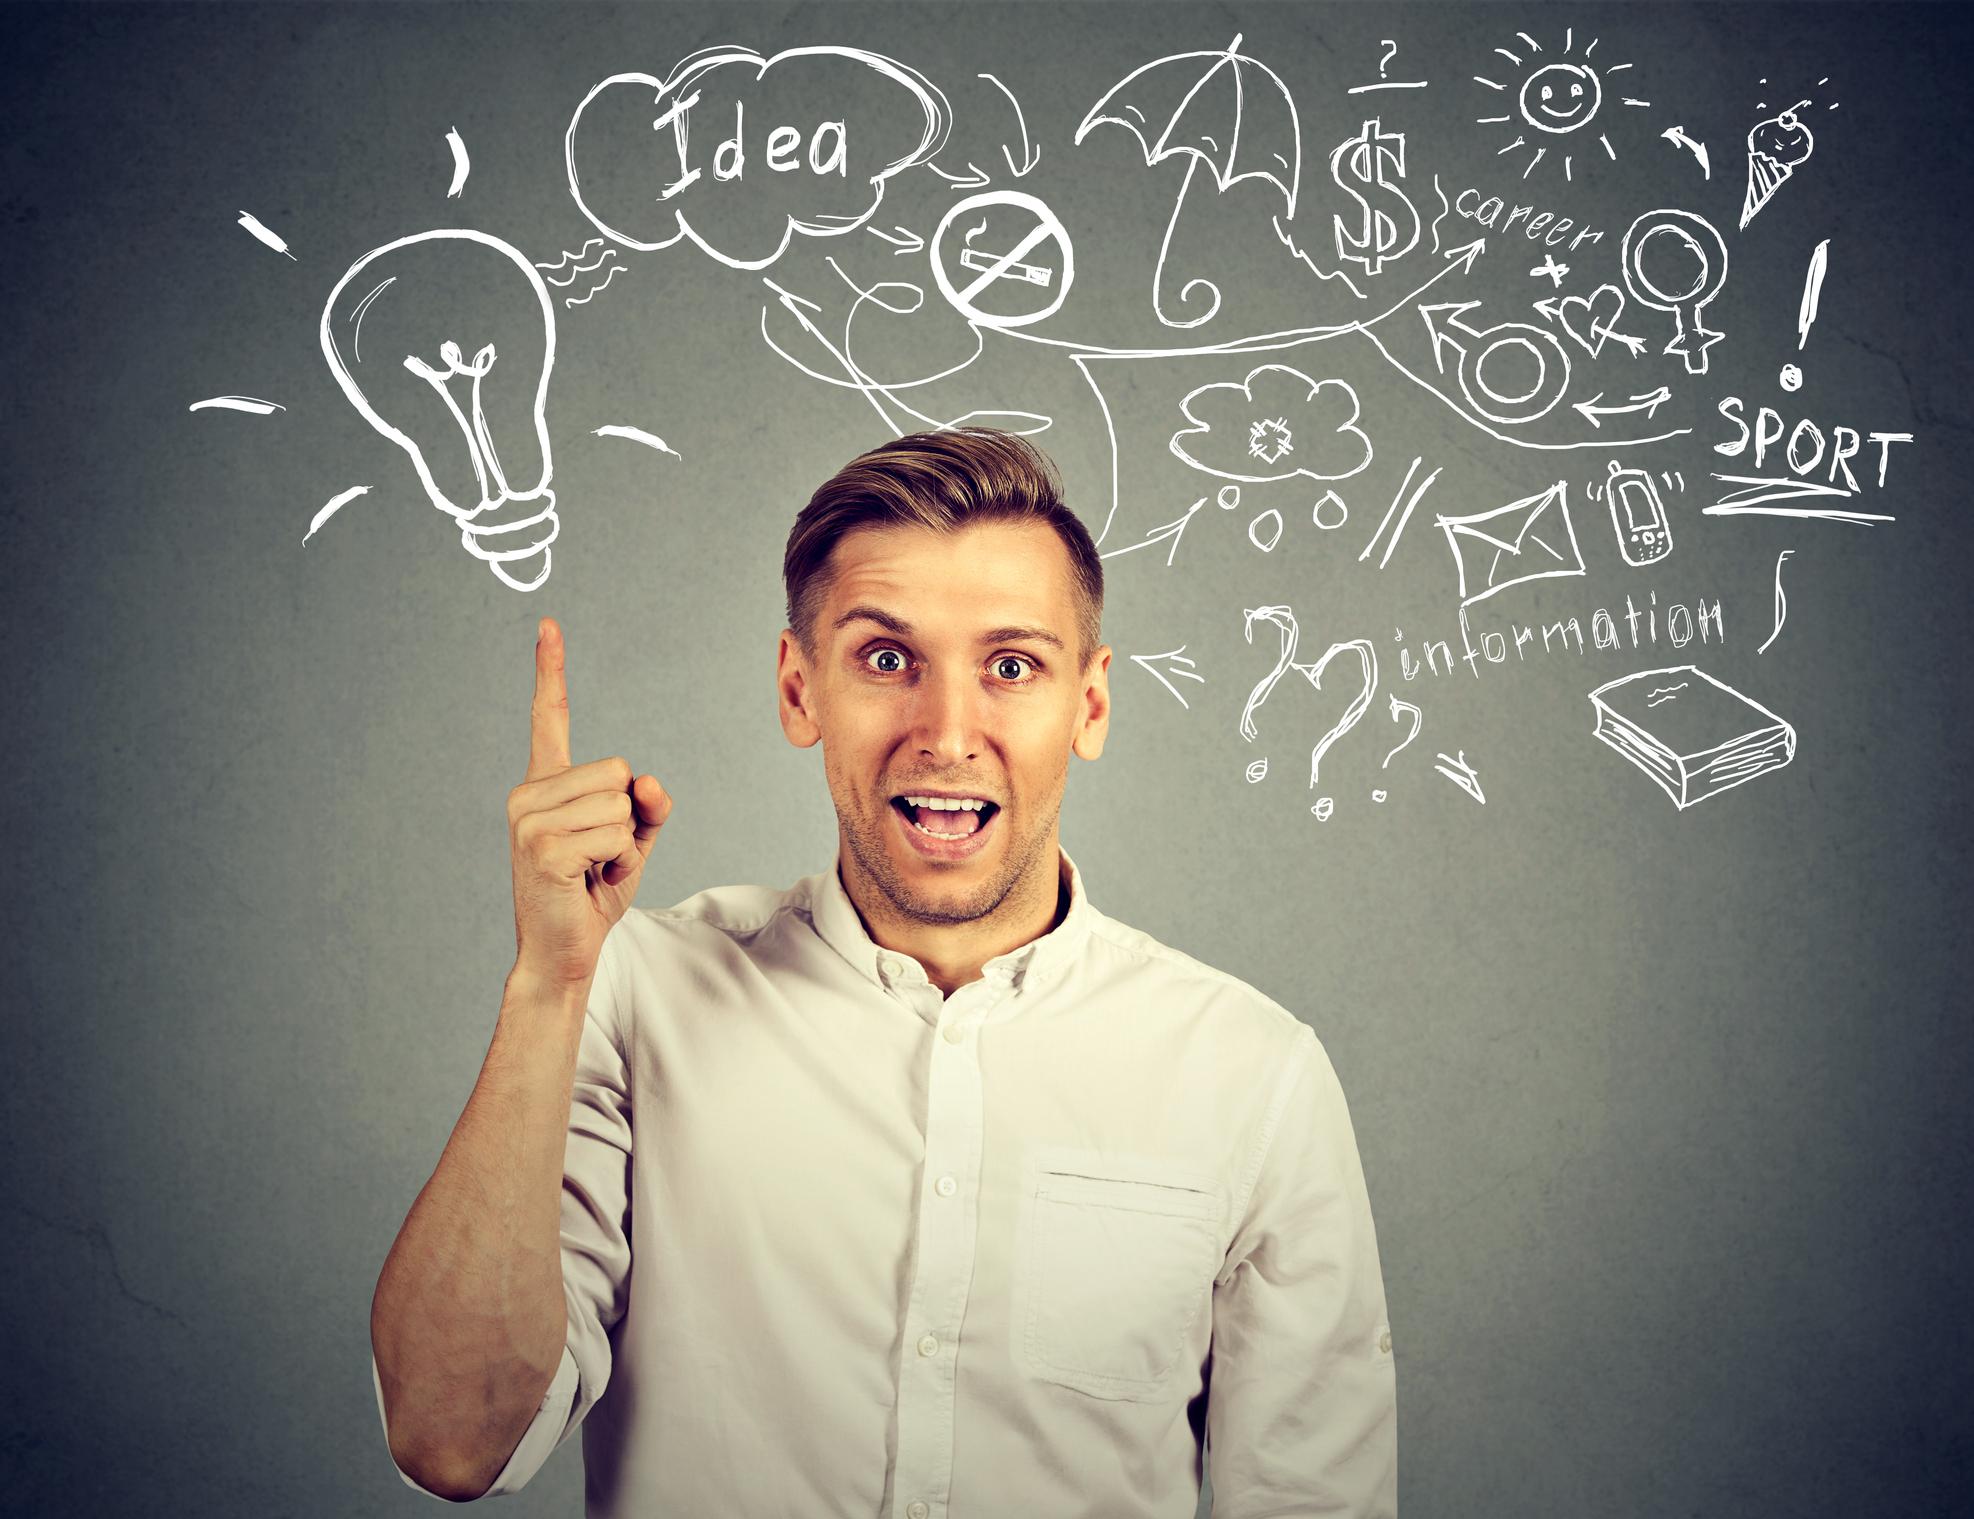 A man in a dress shirt points upward at a light bulb drawn on a blackboard.